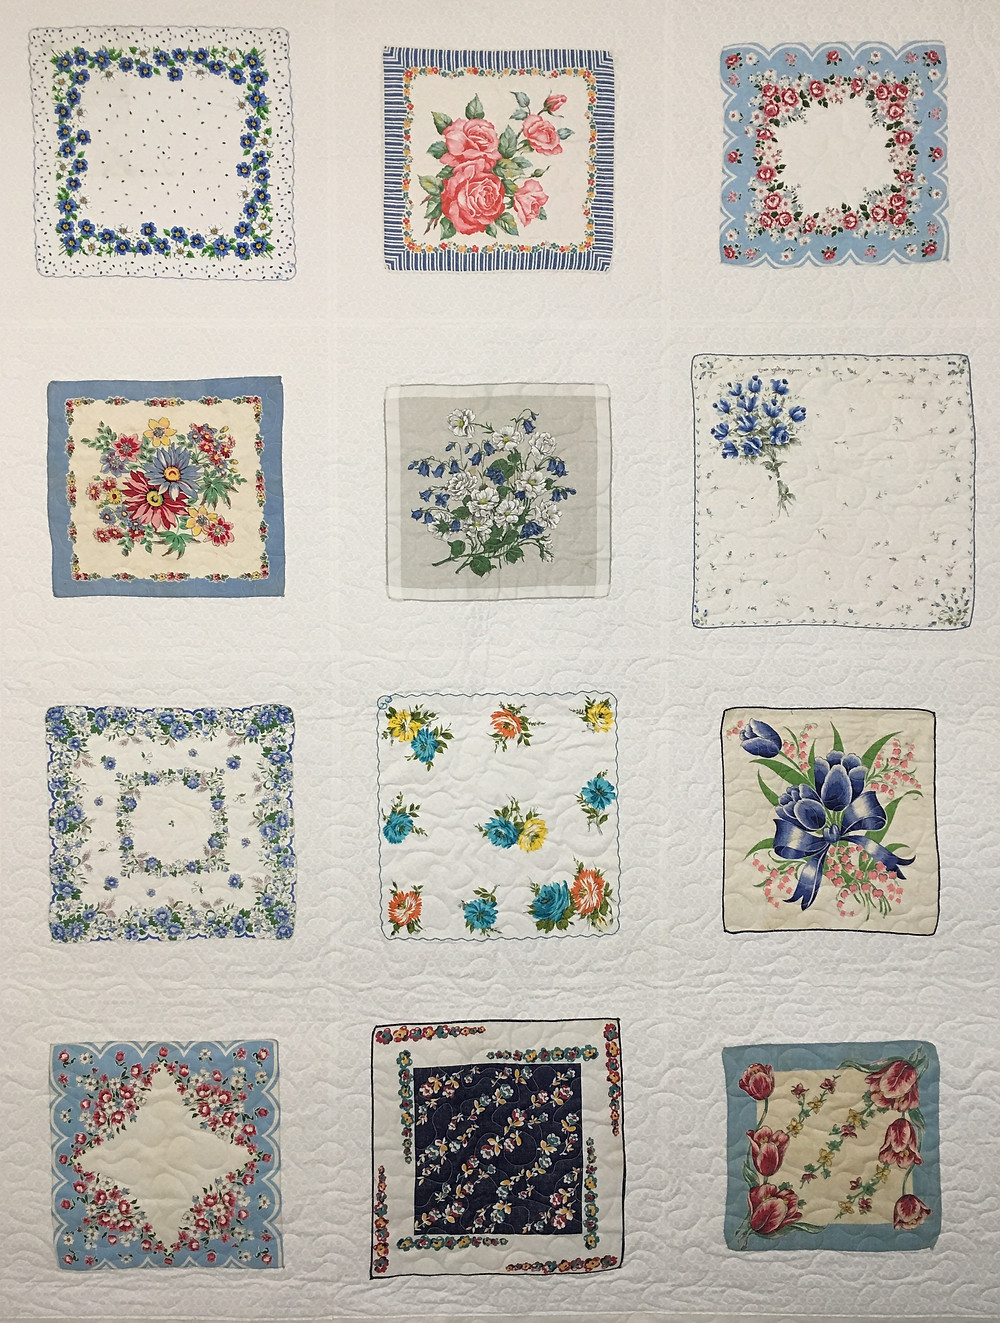 Blue Hankie Quilt by Susan Abram